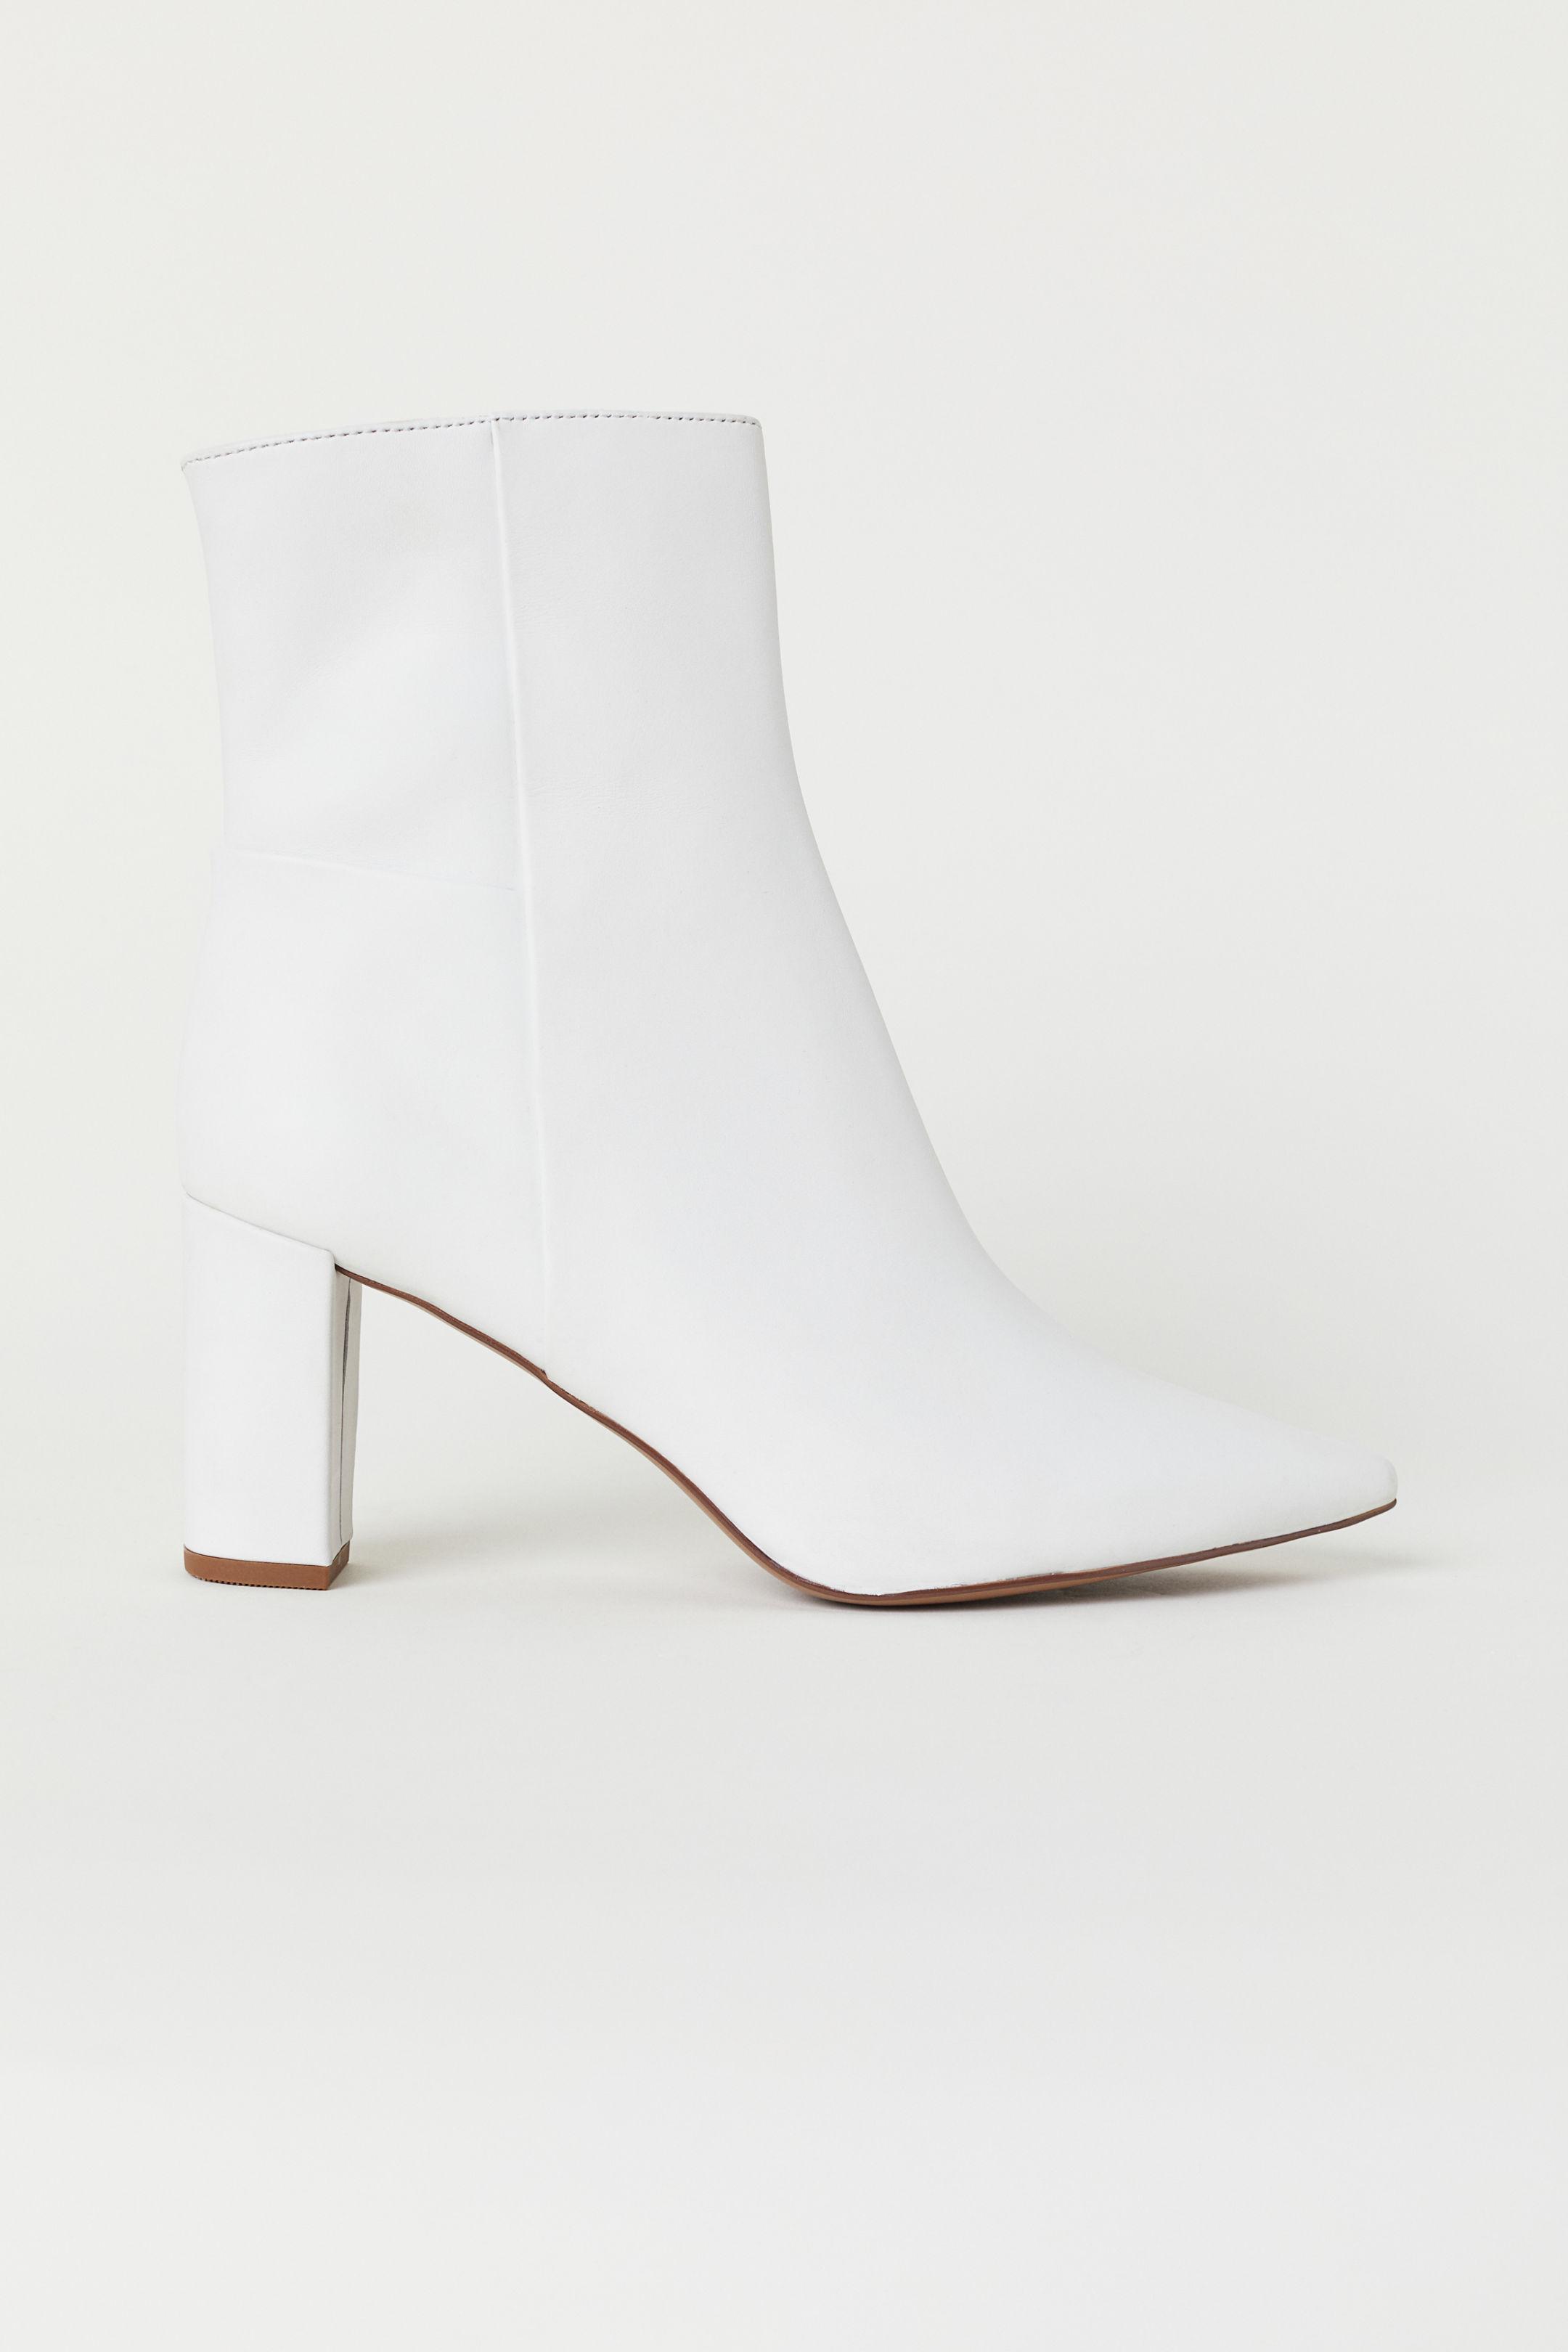 Stivaletti bianchi H&M a 69,99 euro autunno inverno 2018 2019